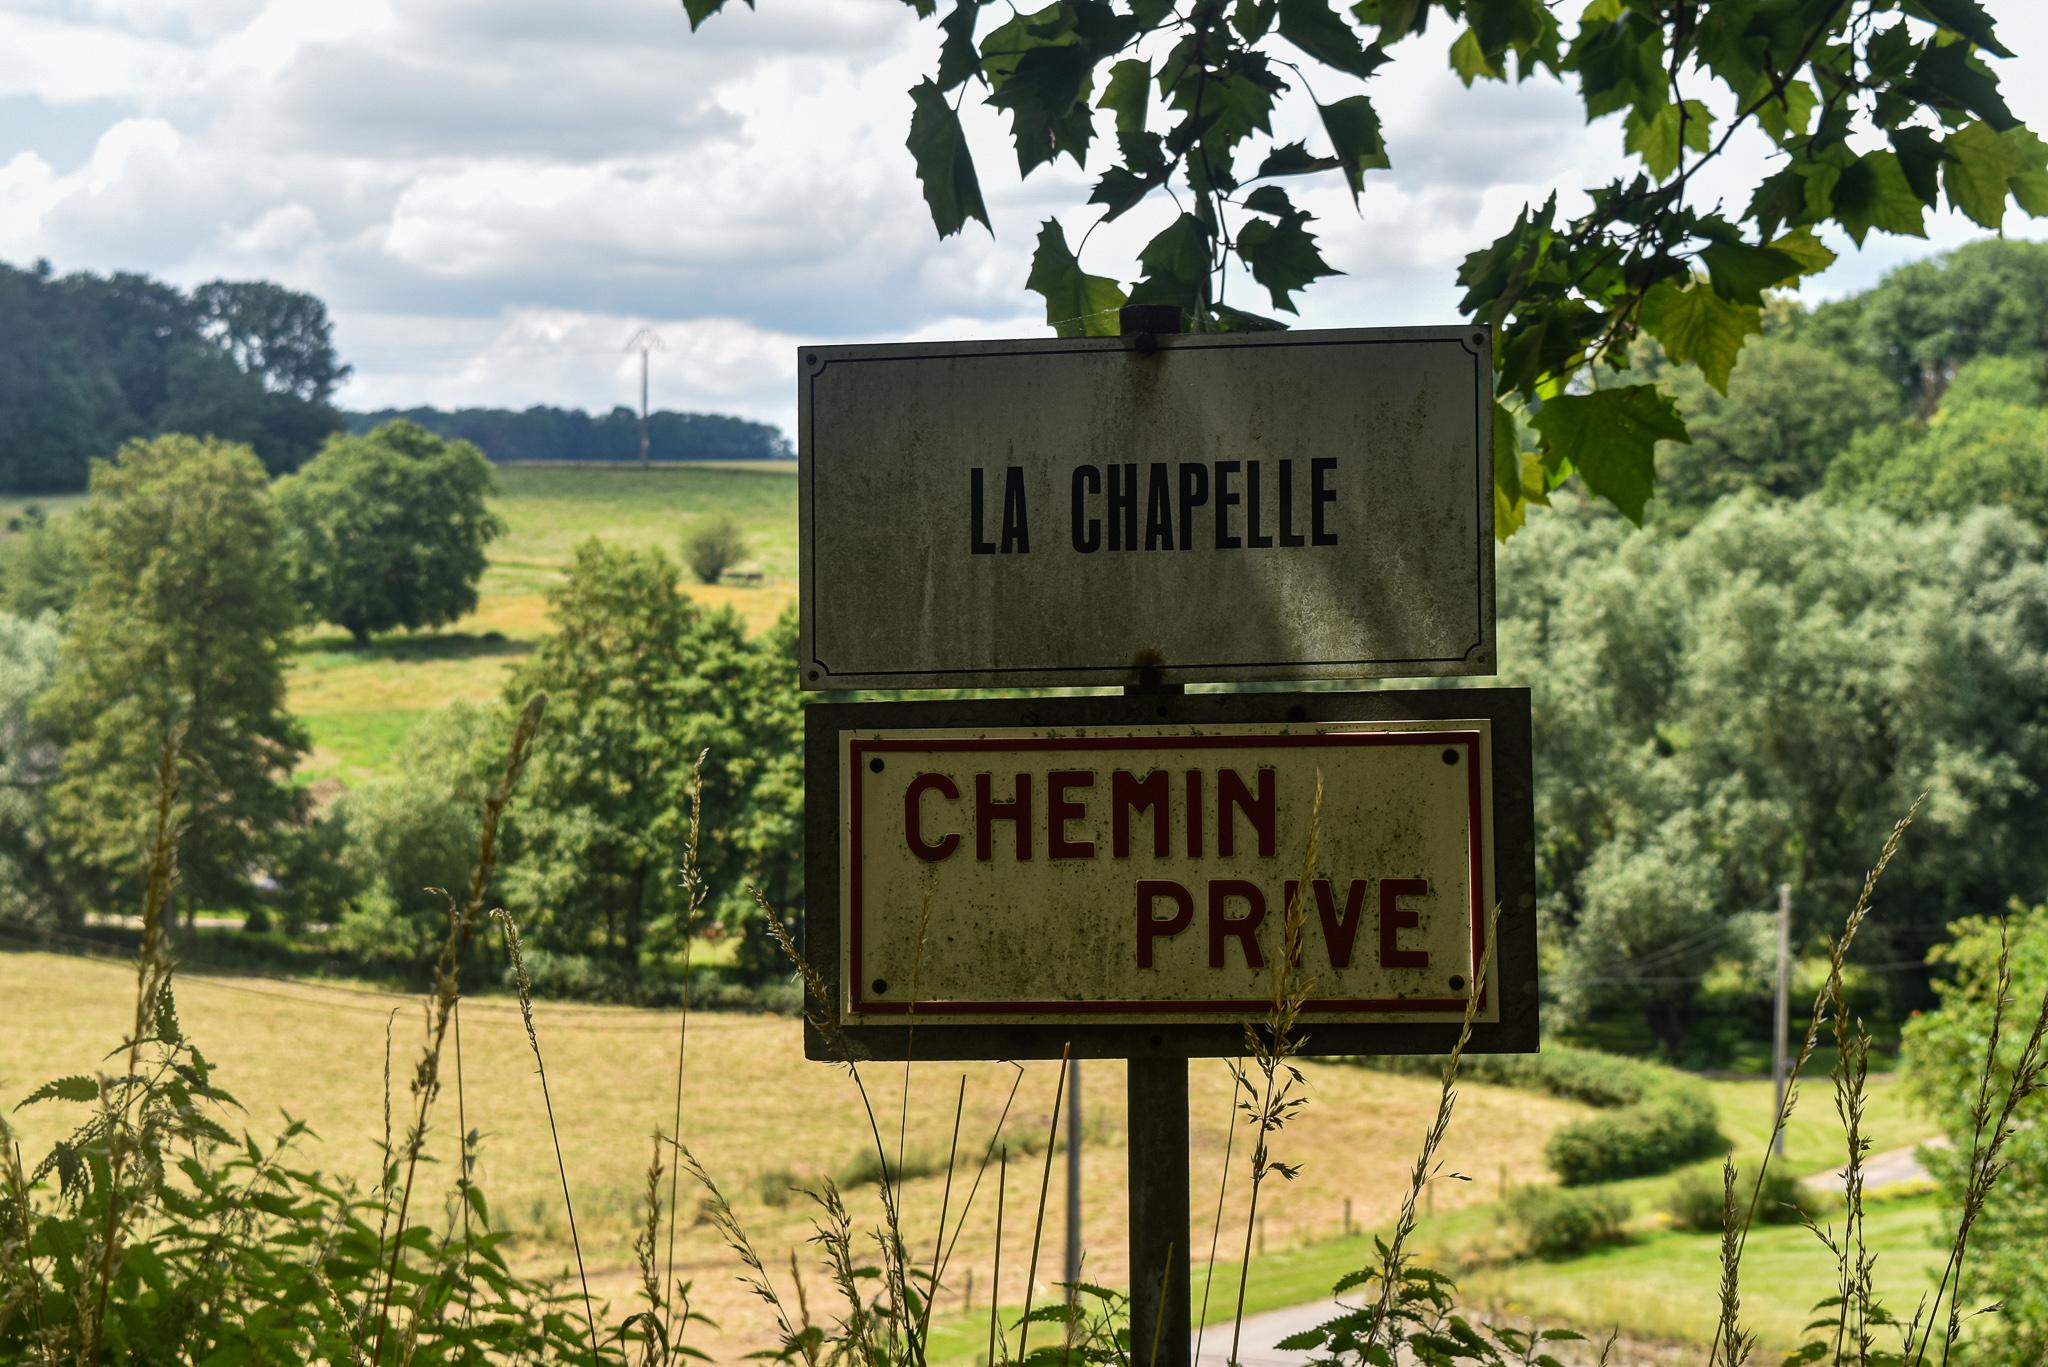 La Chapelle - Unplug & disconnect